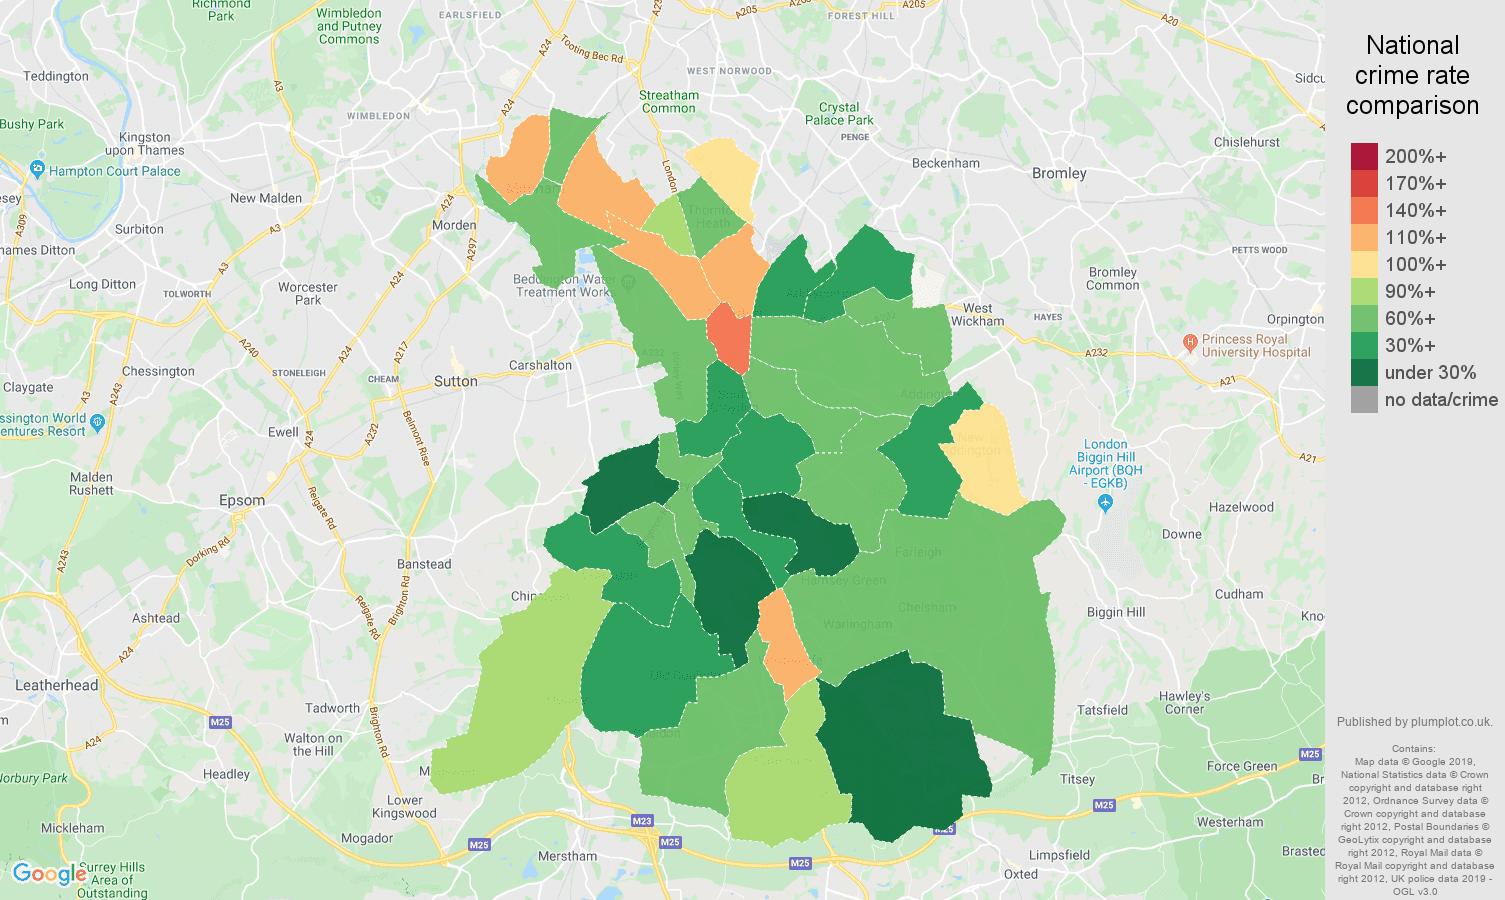 Croydon other crime rate comparison map